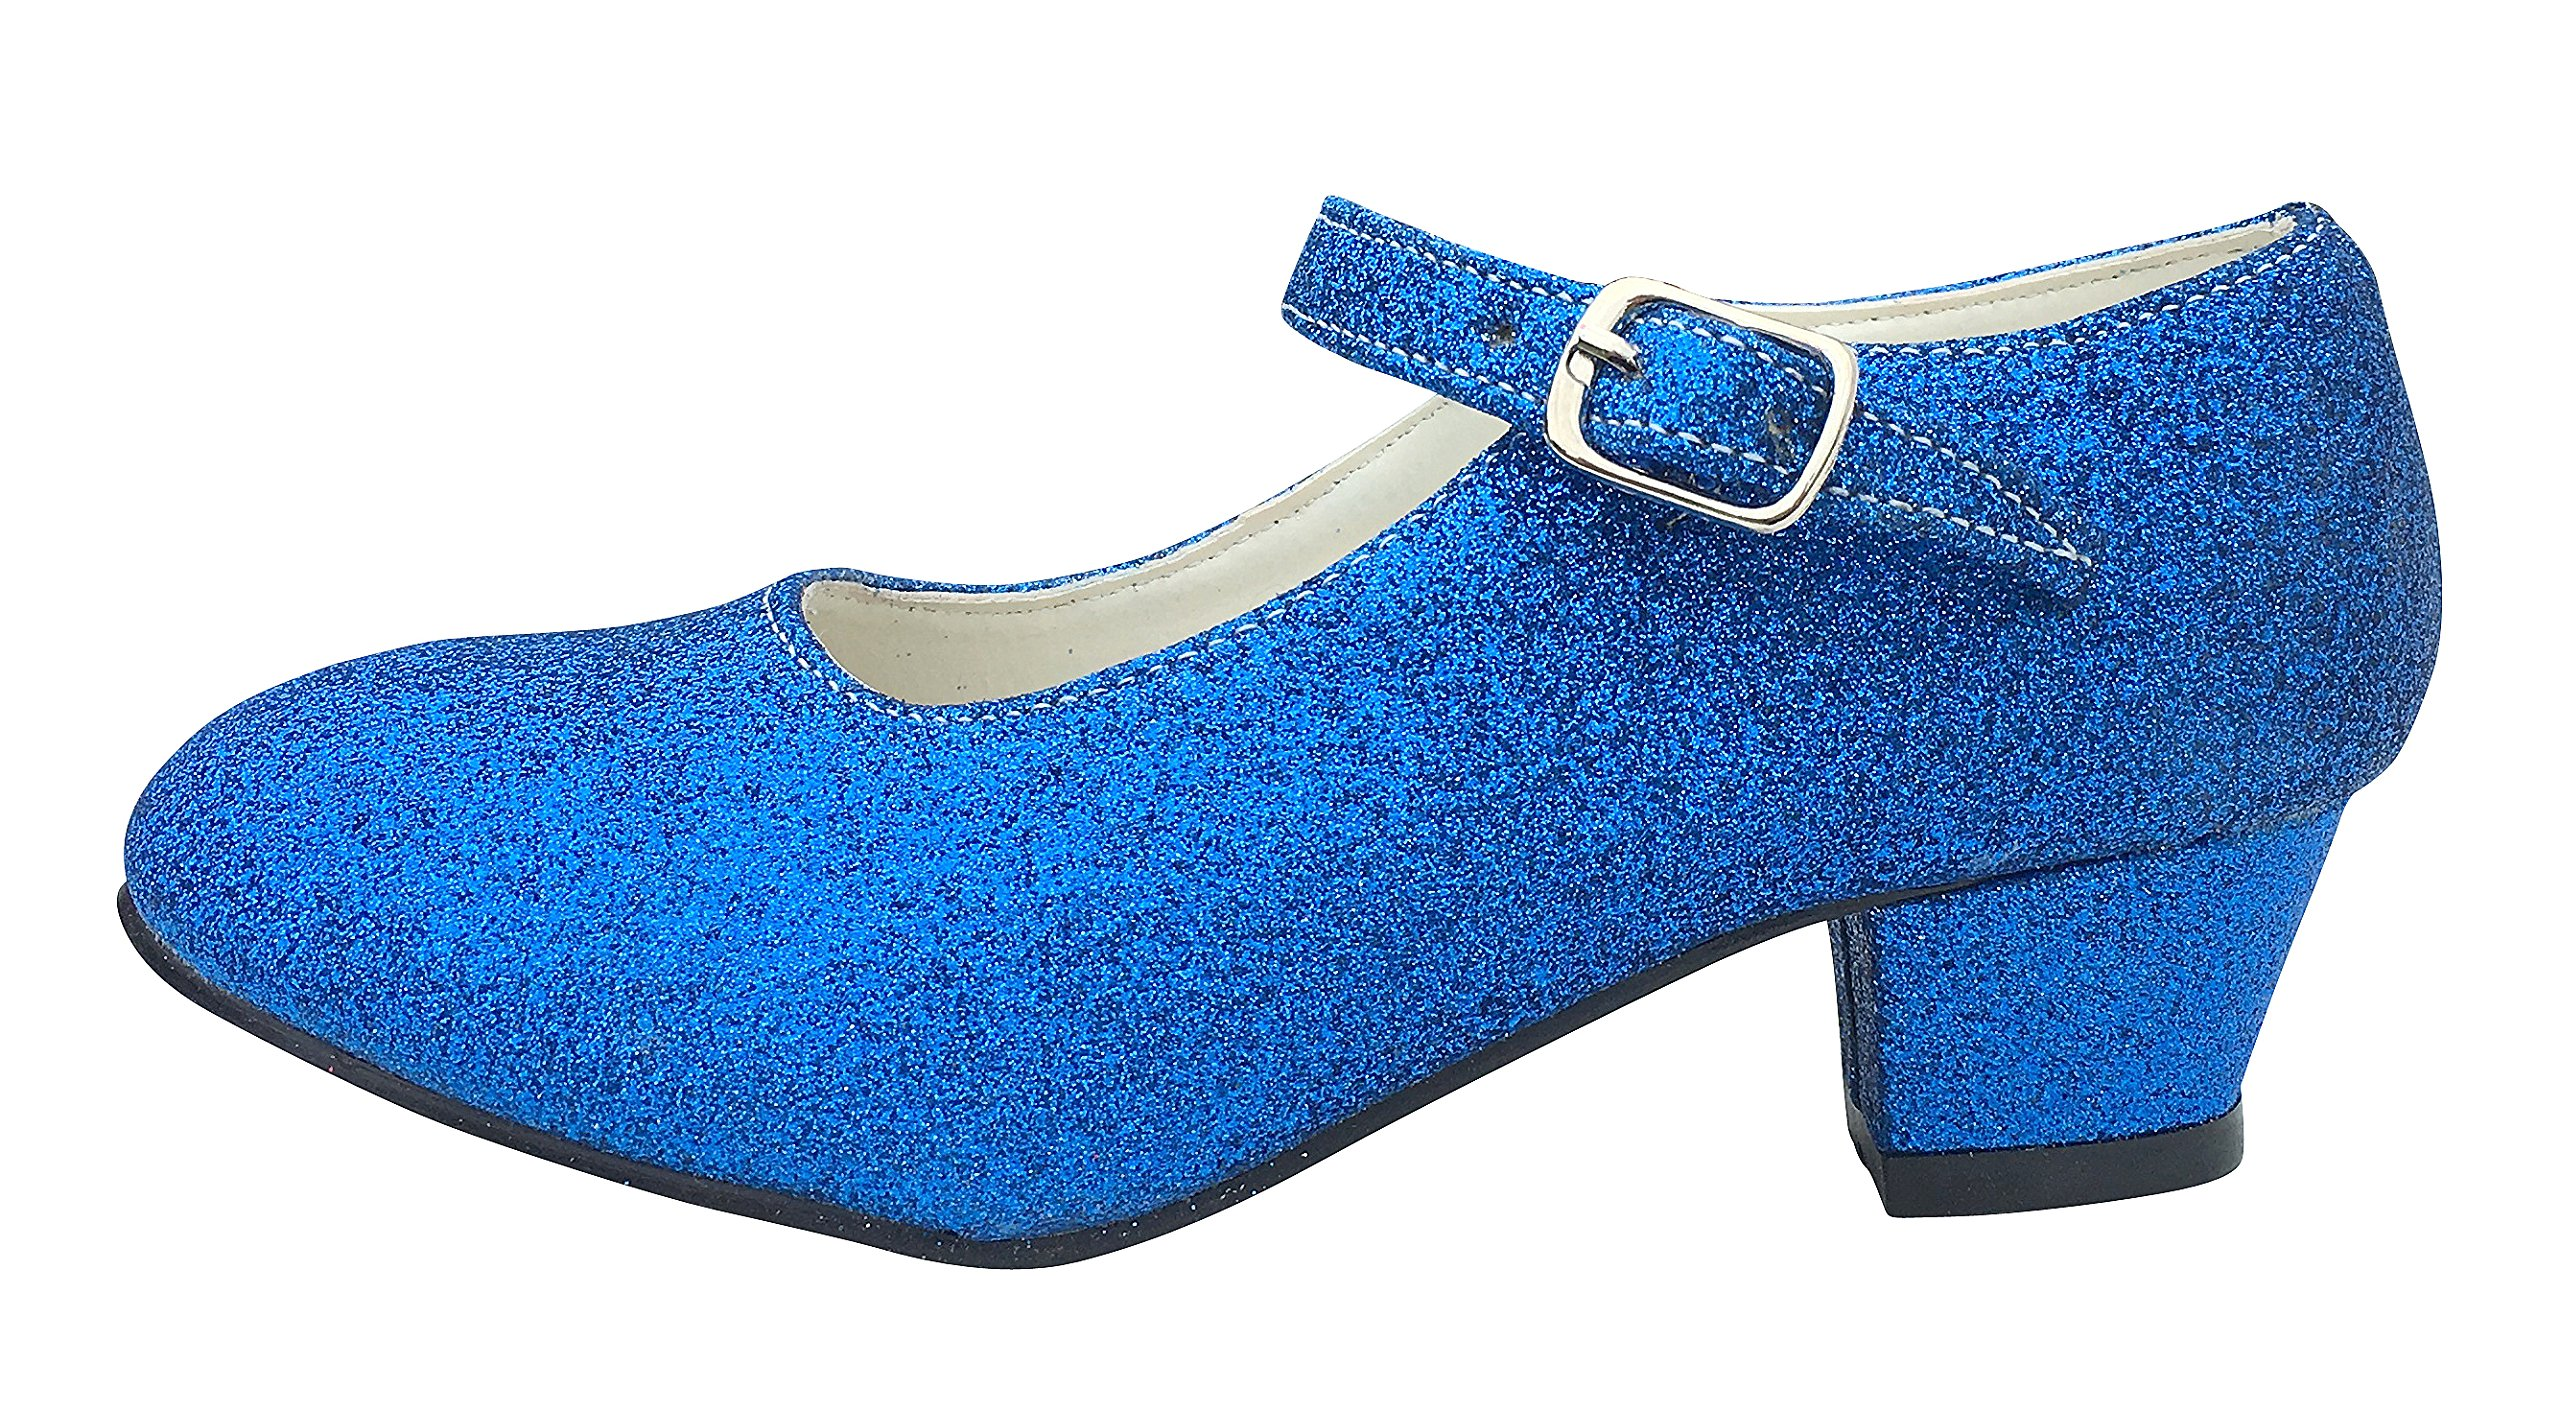 La Señorita Chaussures Flamenco Espagnol Princesse de Danse - Bleu Scintillement (Taille 30 - 19 cm)